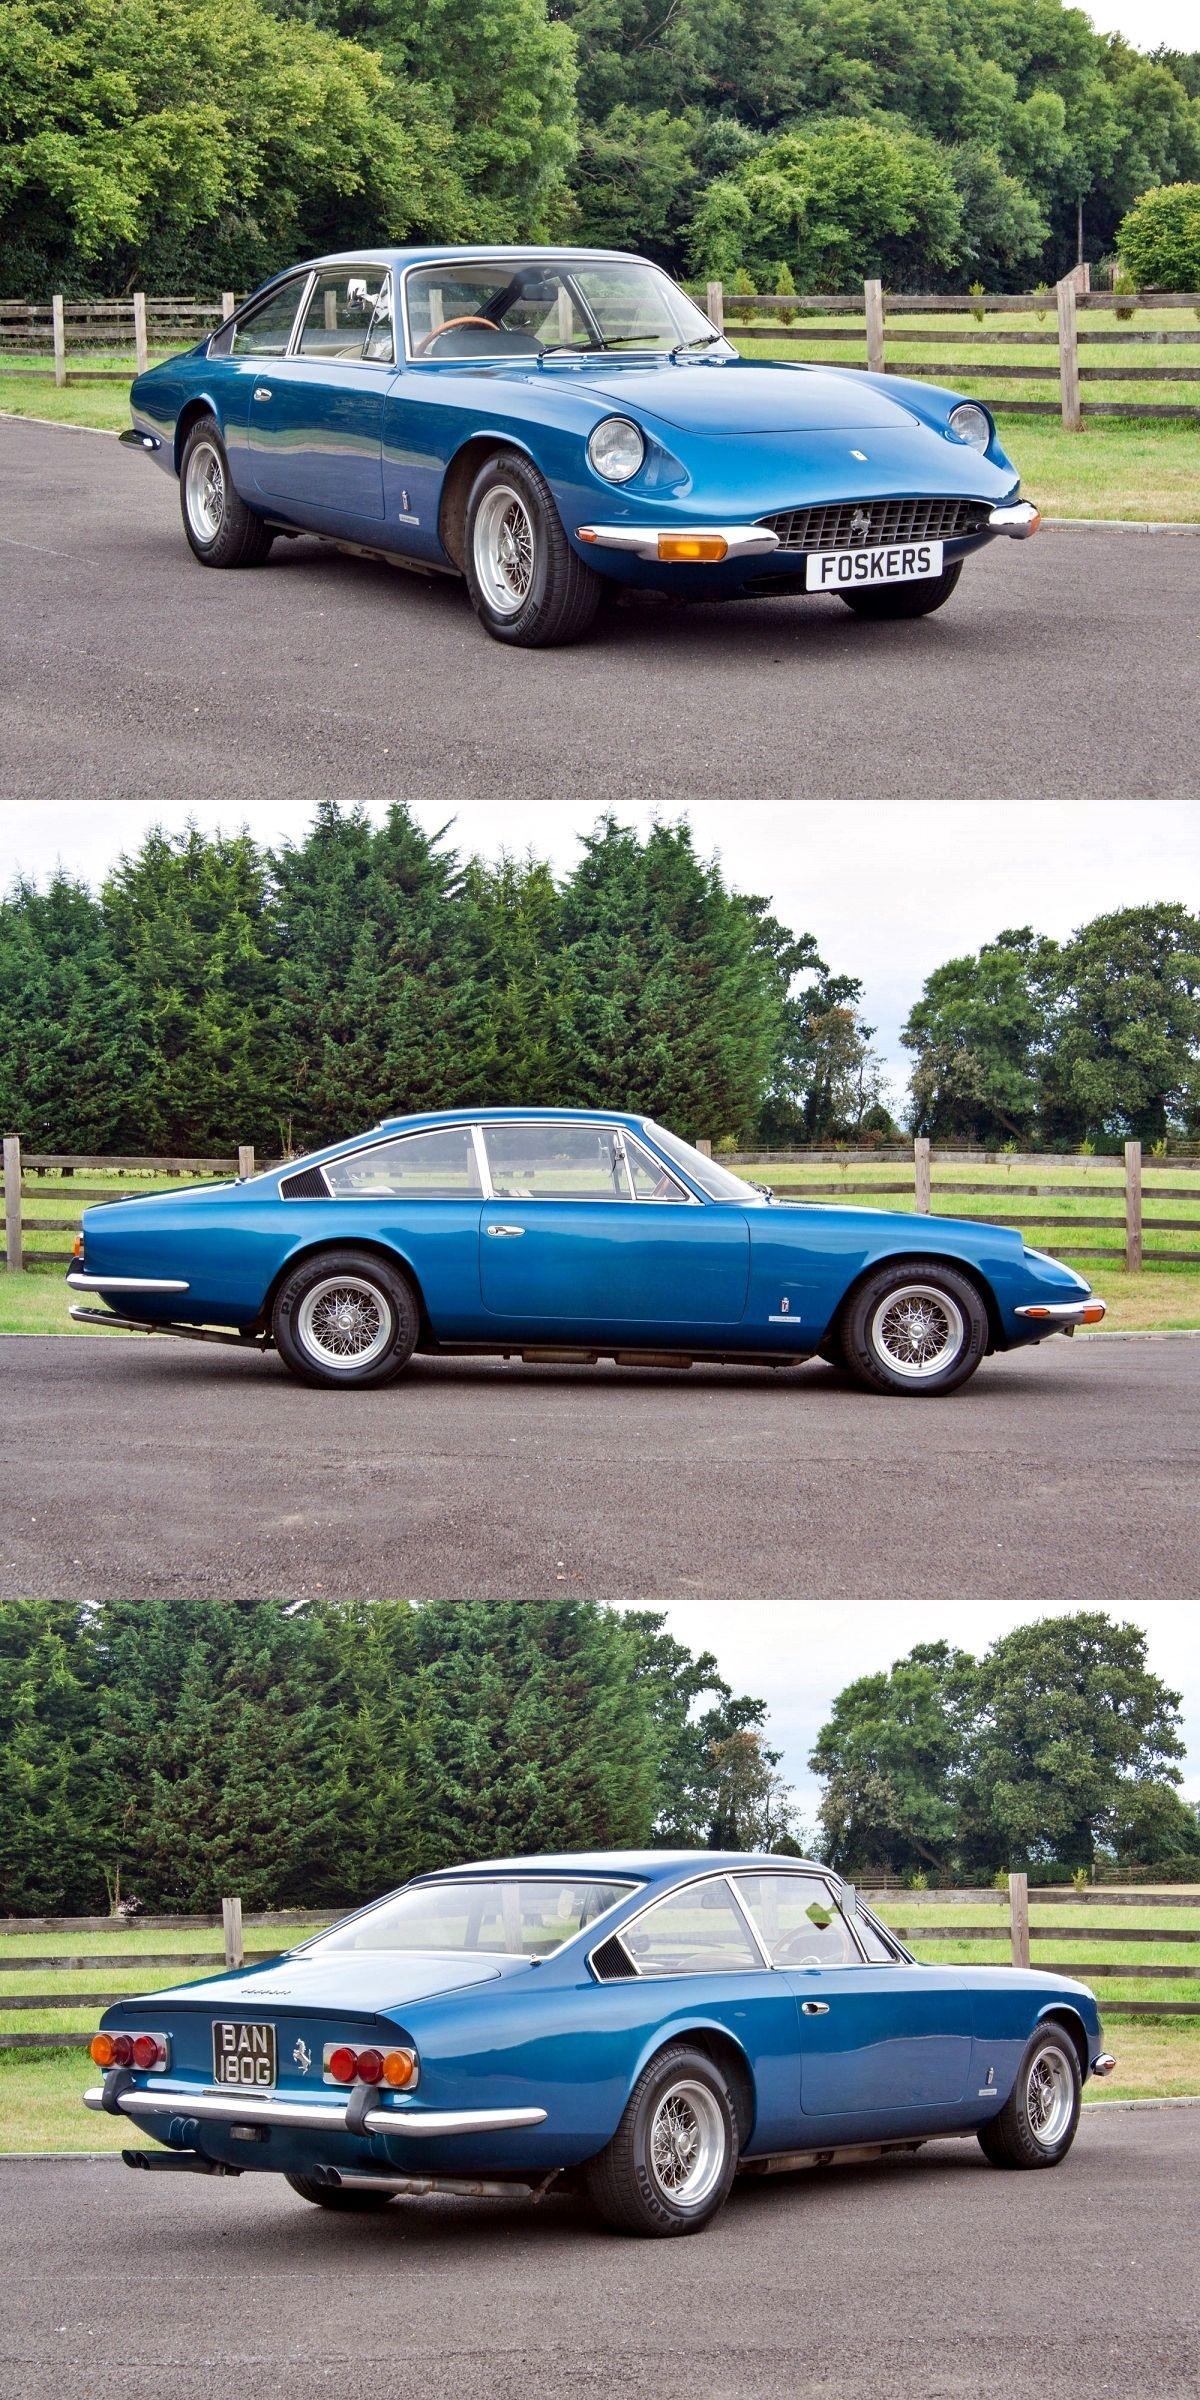 f34f27cdc09c8ddcd64582eb9673c72f Gorgeous Ferrari Mondial 3.2 Cabriolet V8 Quattrovalvole Cars Trend